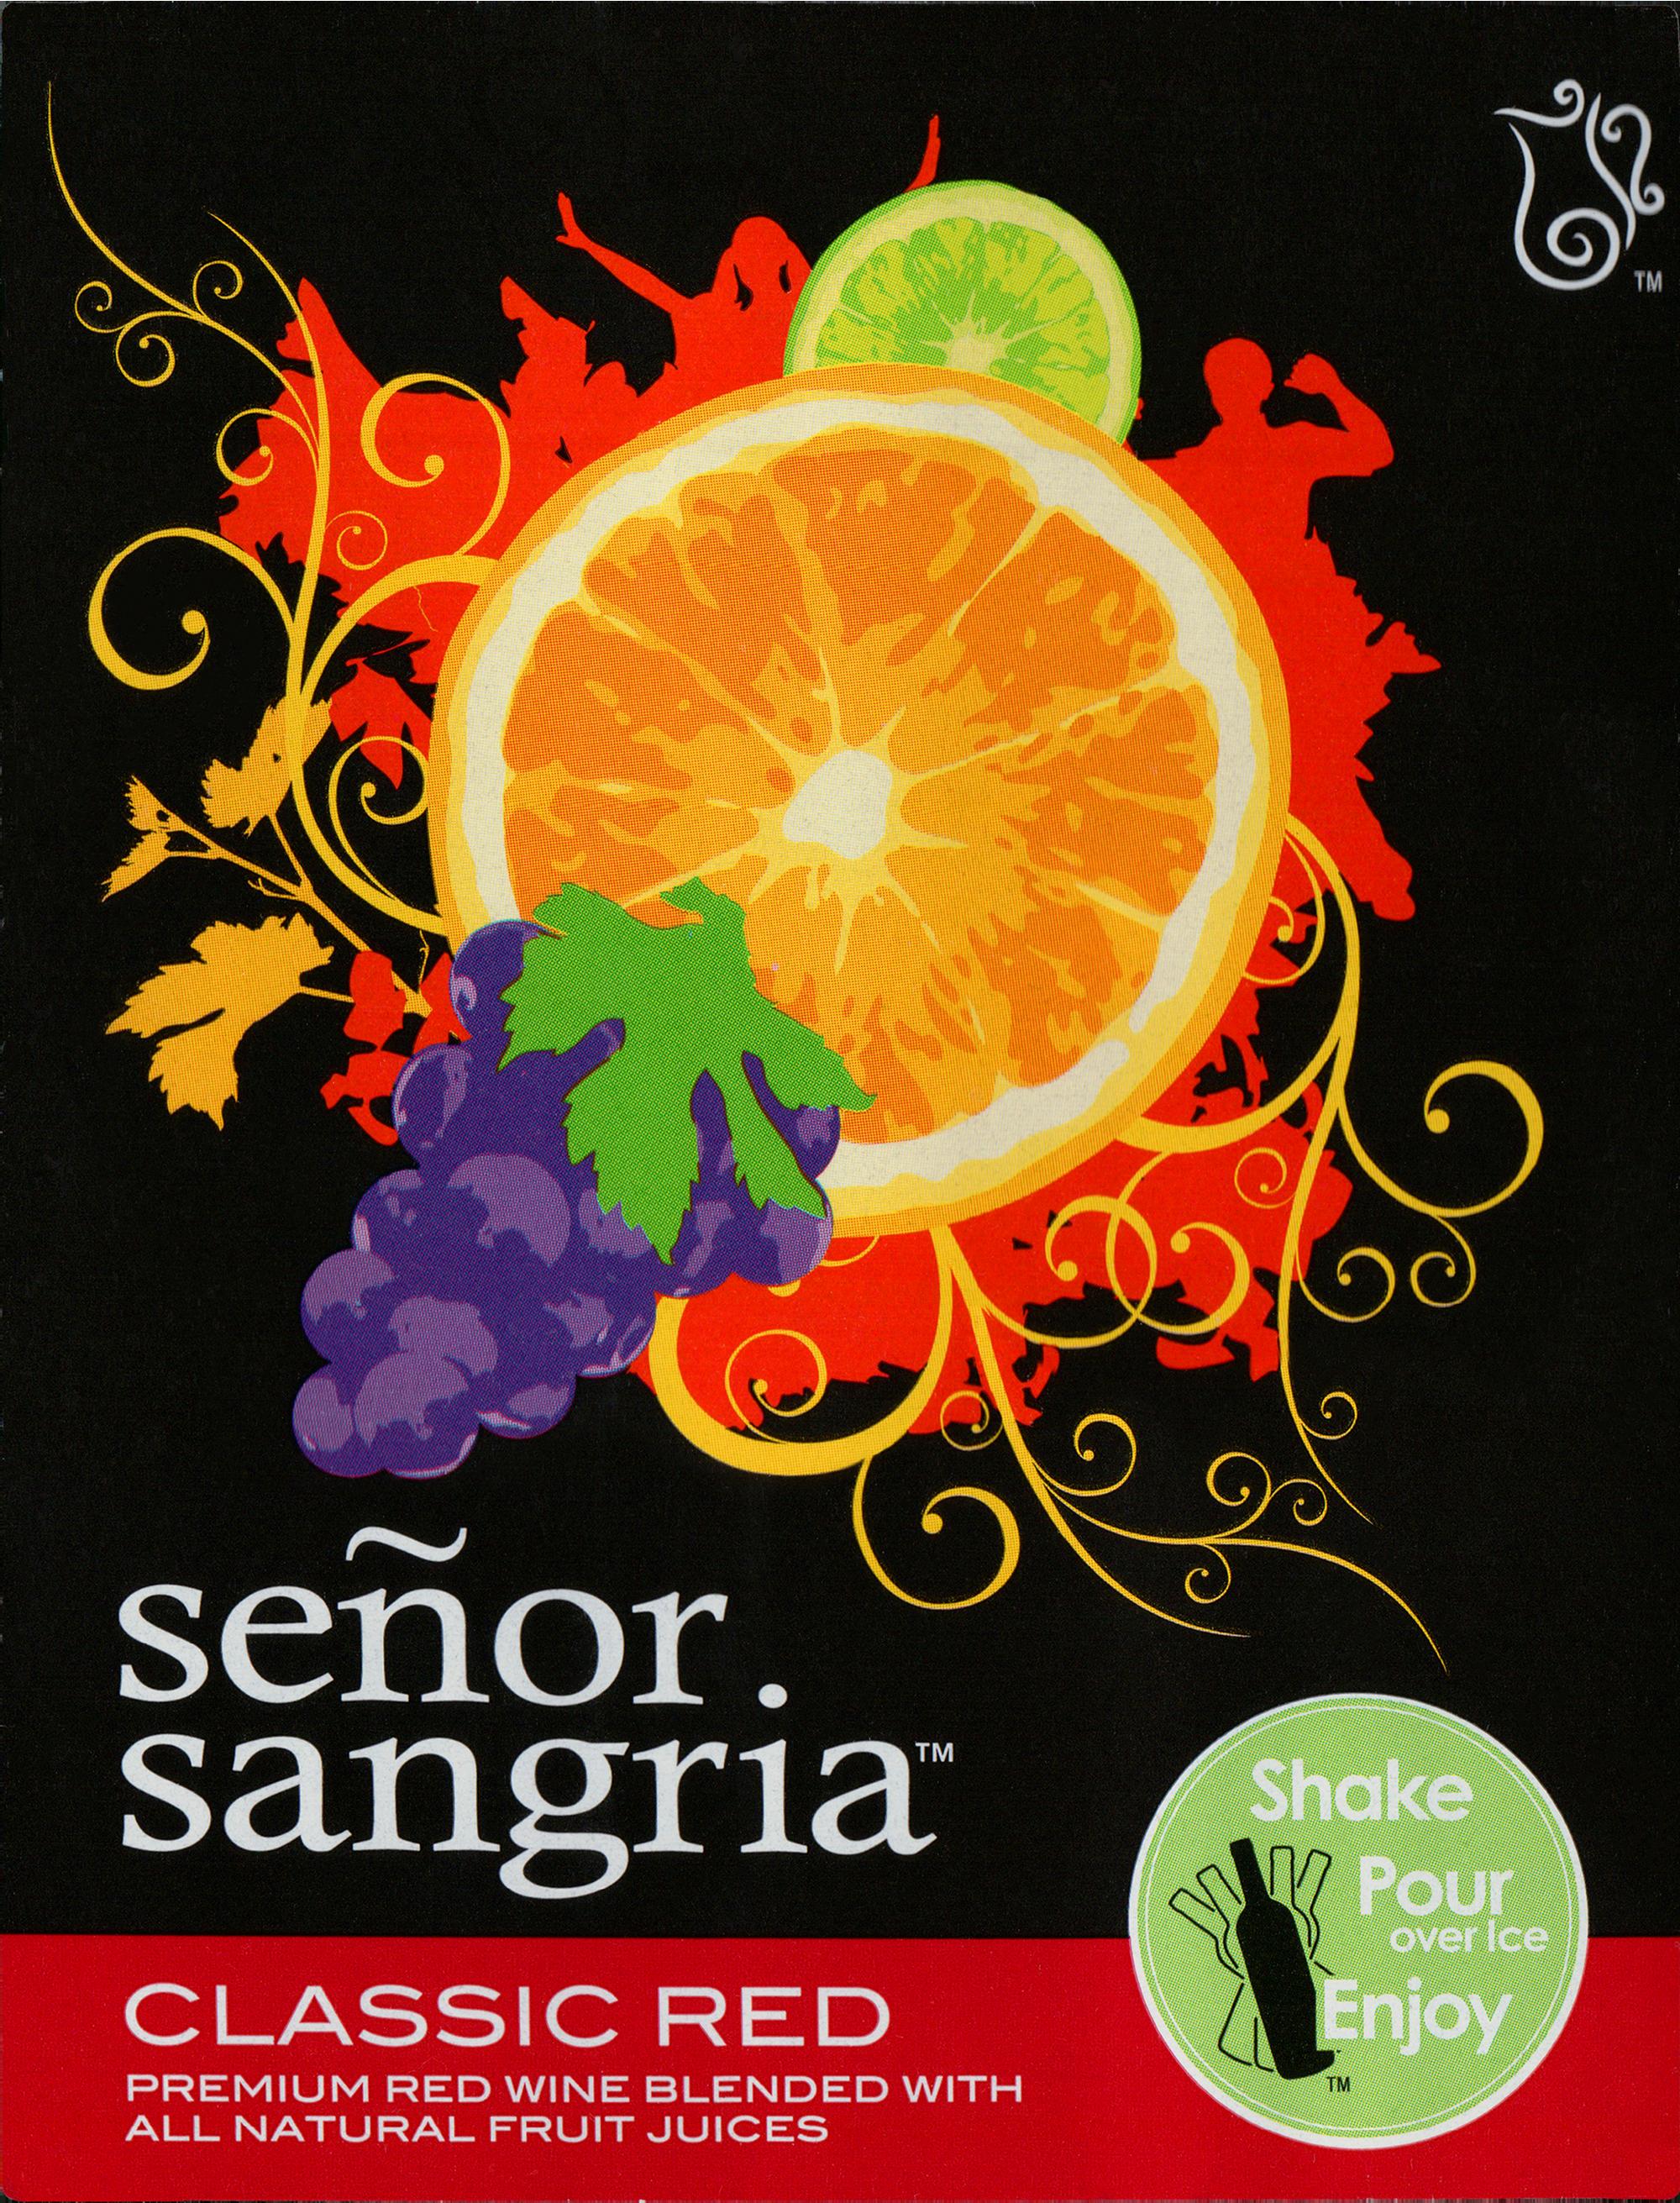 Senor Sangria Classic Red